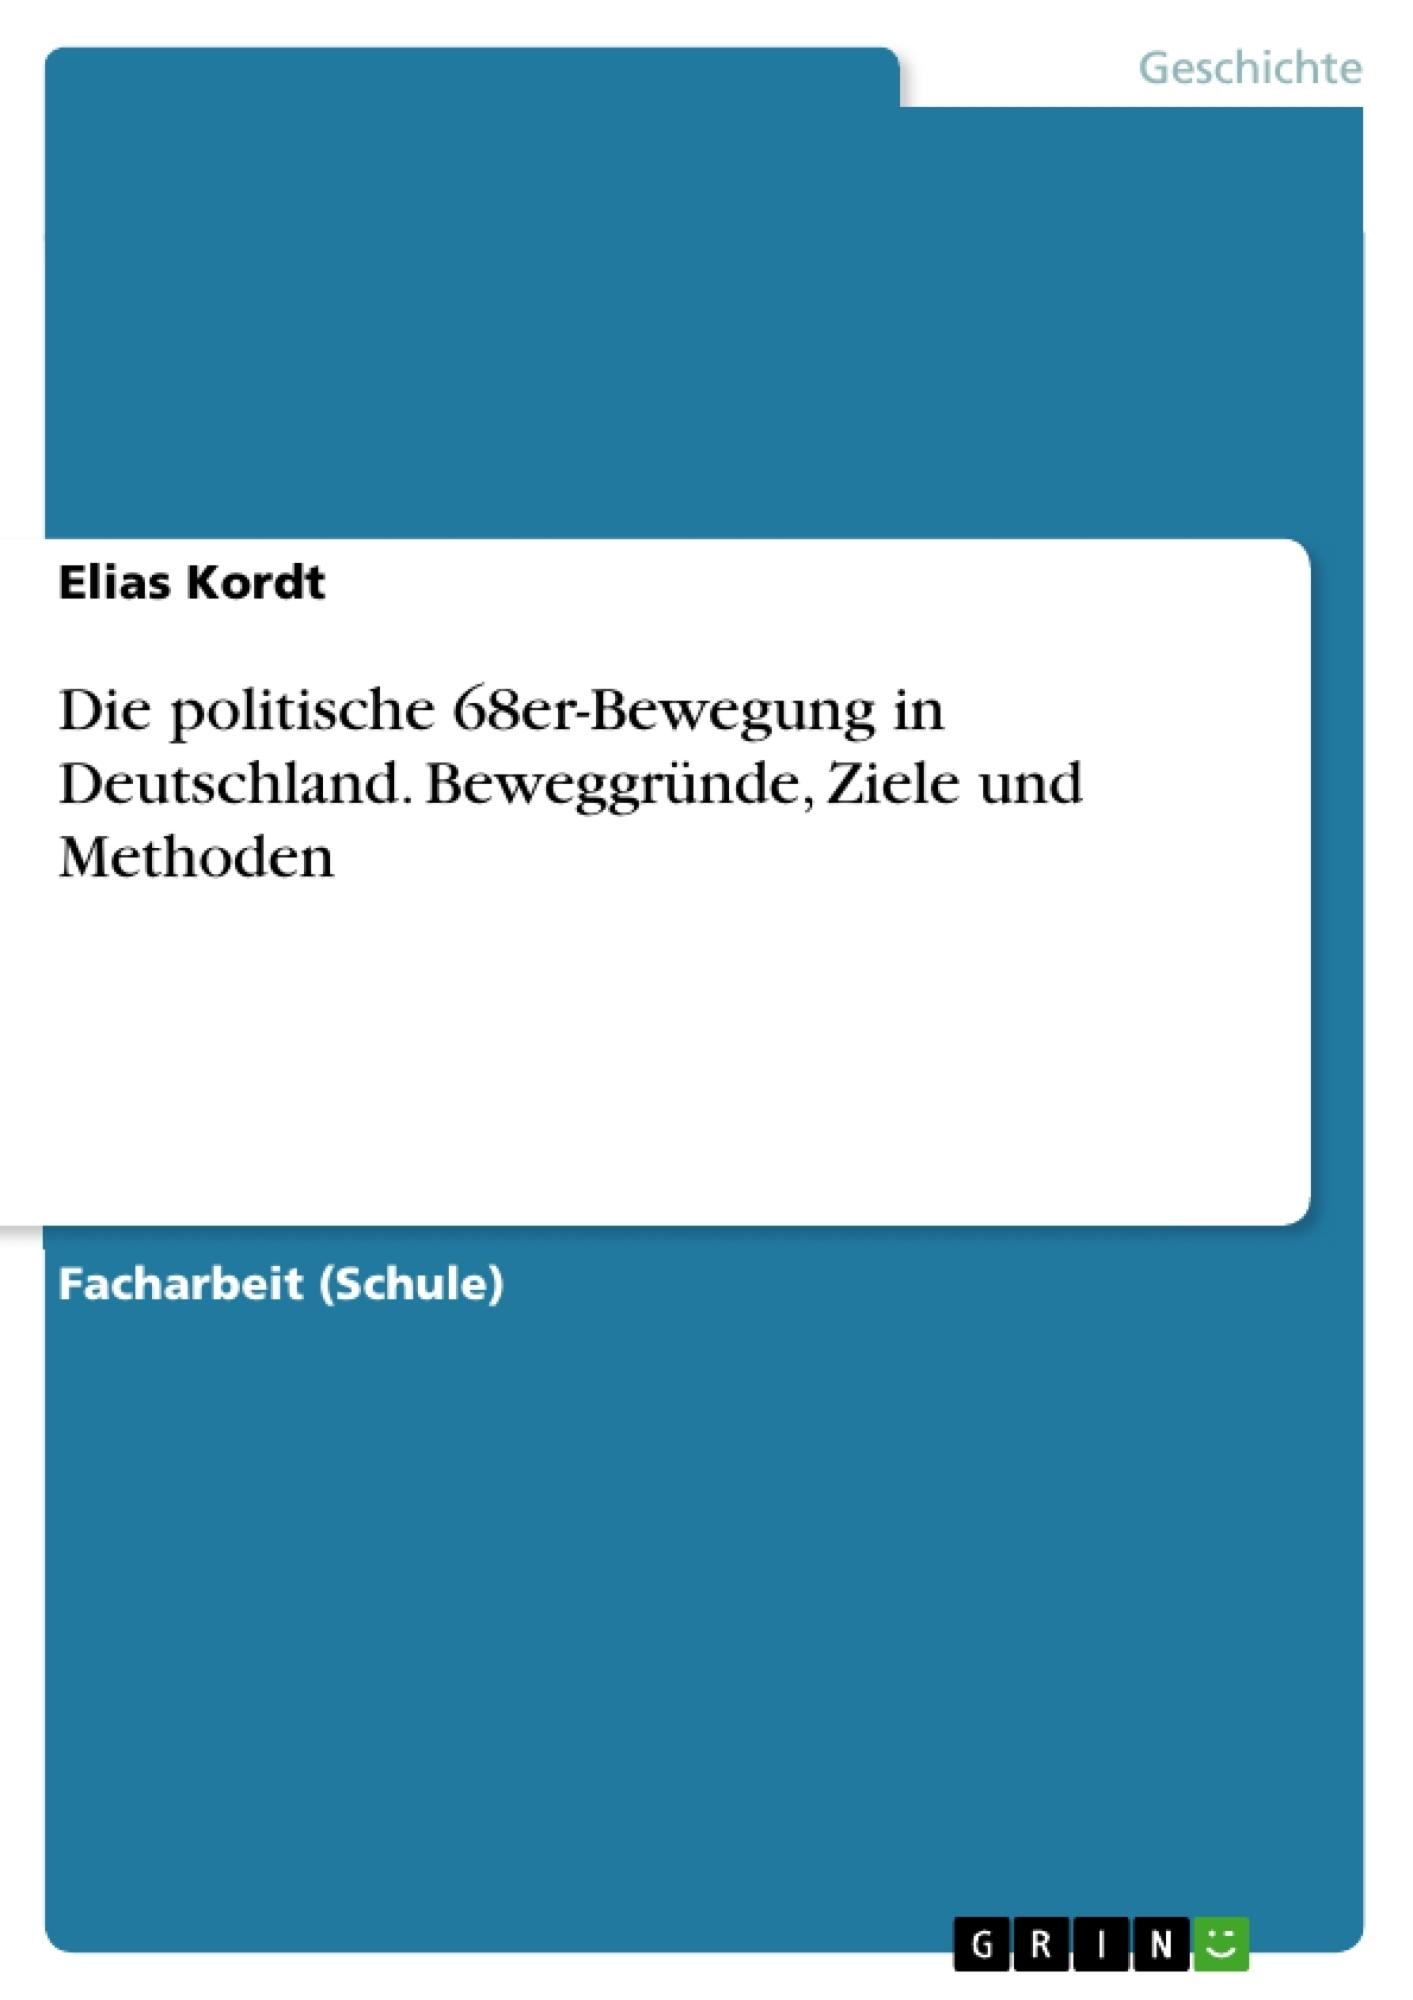 Titel: Die politische 68er-Bewegung in Deutschland. Beweggründe, Ziele und Methoden